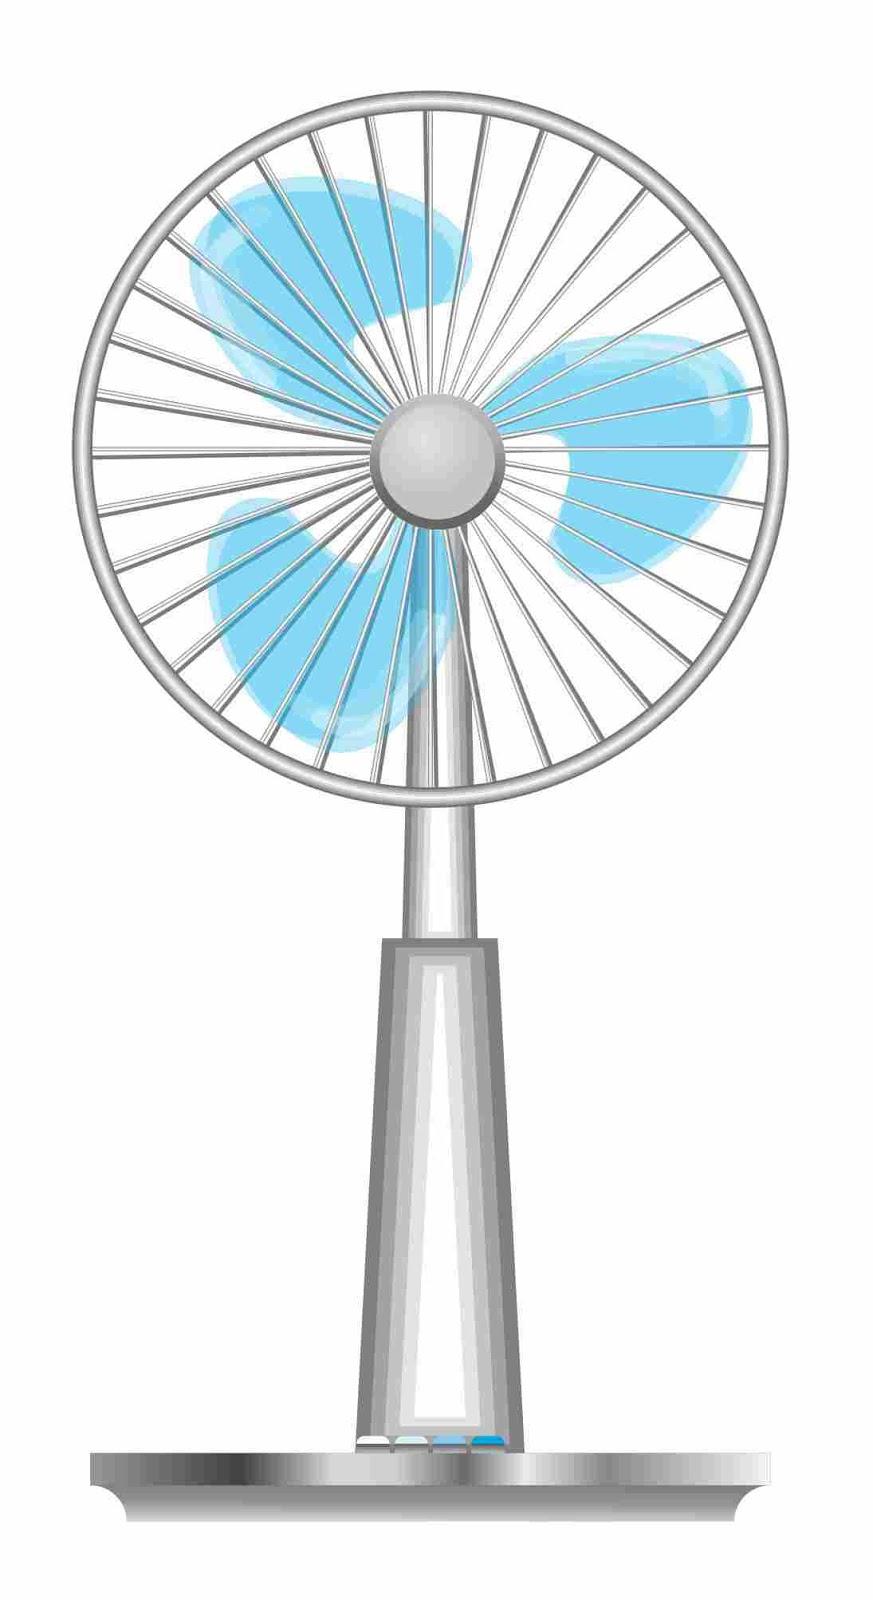 シロクマ 扇風機 イラスト素材 5488657 フォトライブラリー